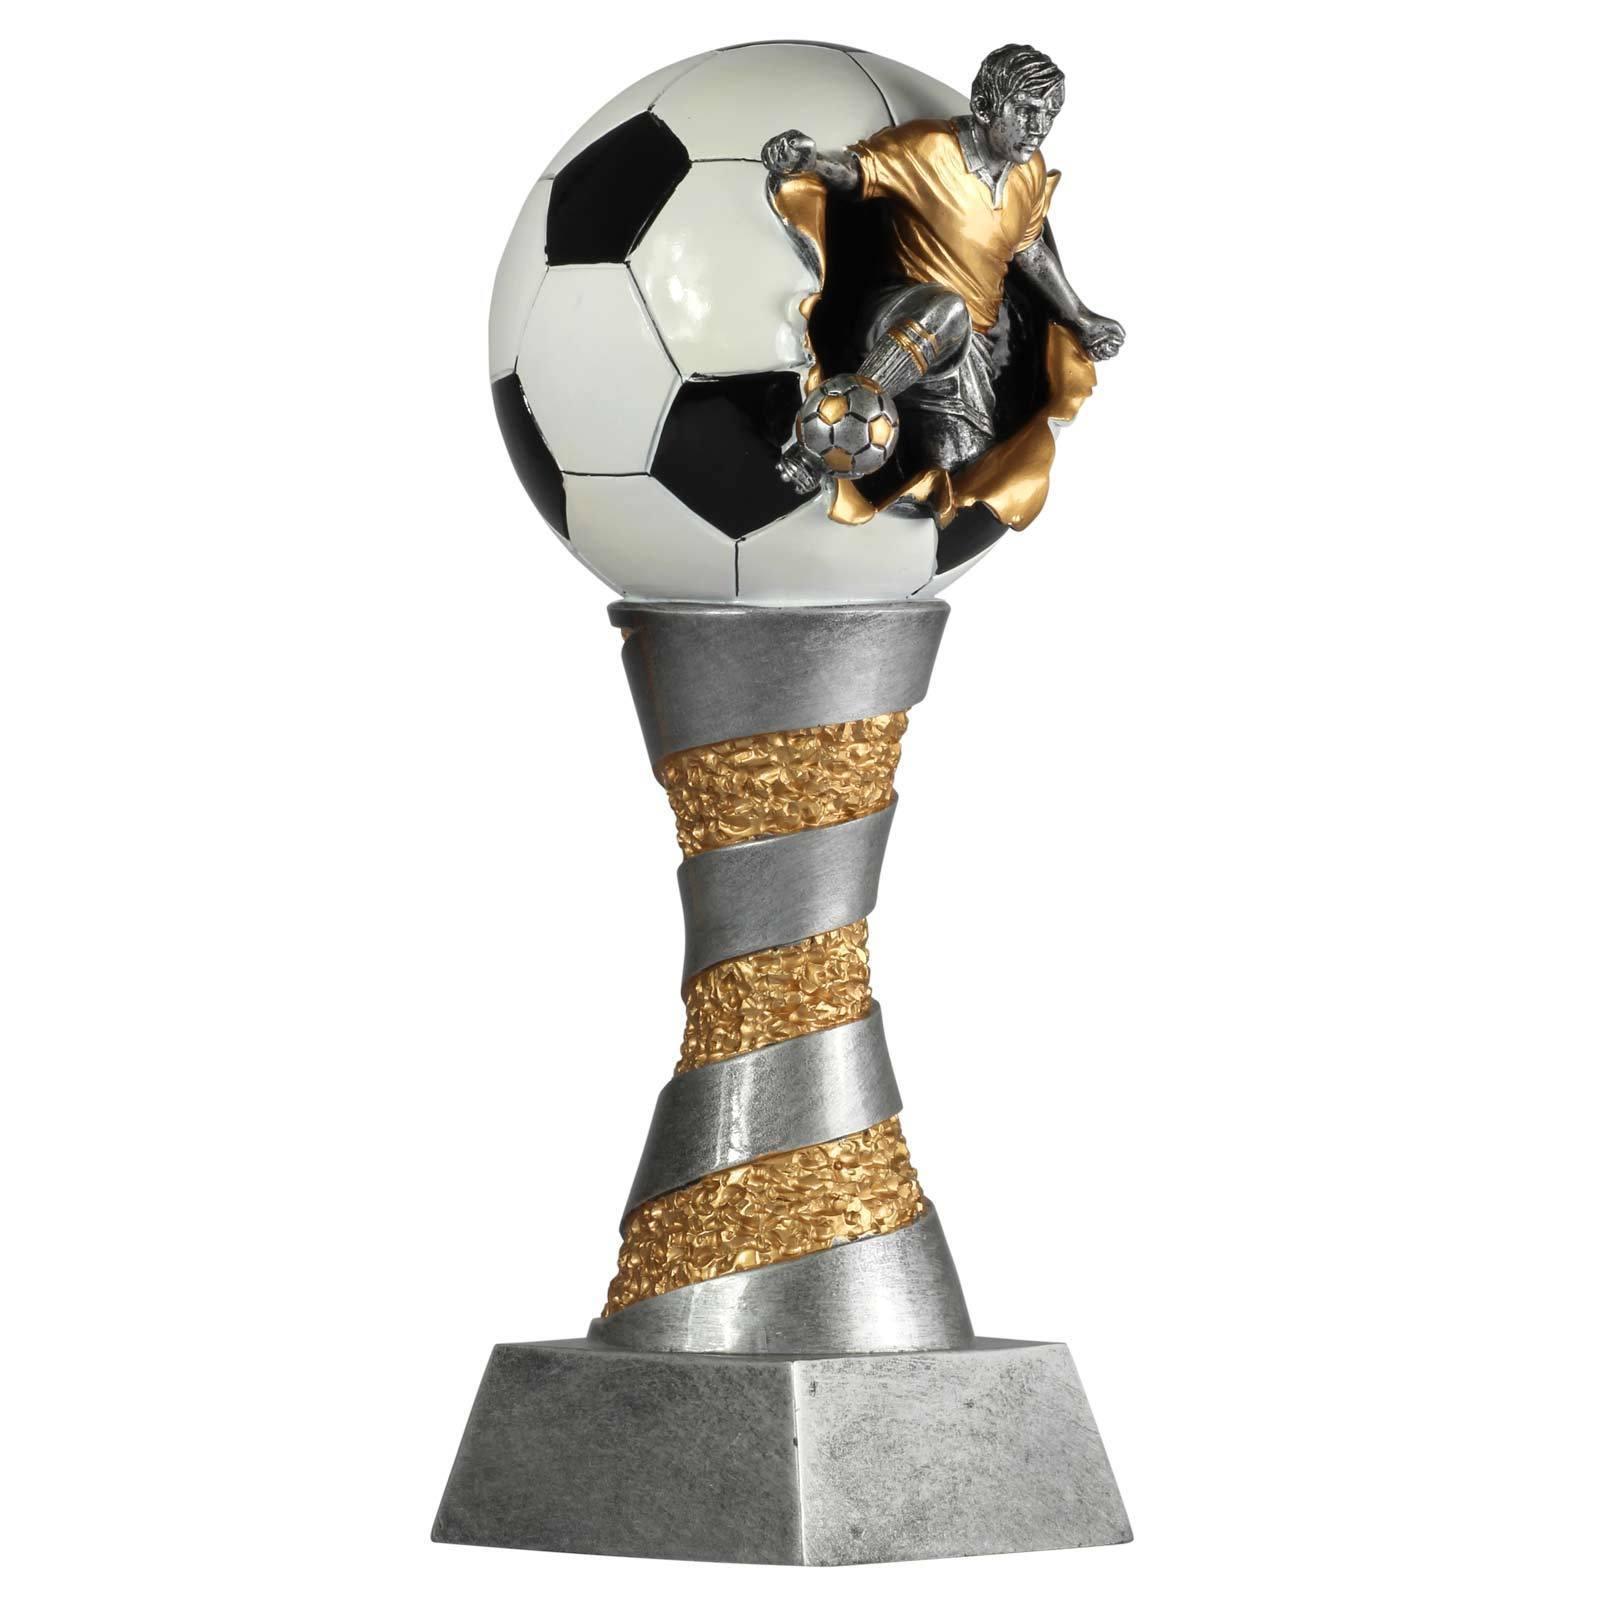 Pokal Fußball Lyon aus aus aus Resin silber Gold handbemalt, 26, 28, 31oder XXL 80cm 4c9926